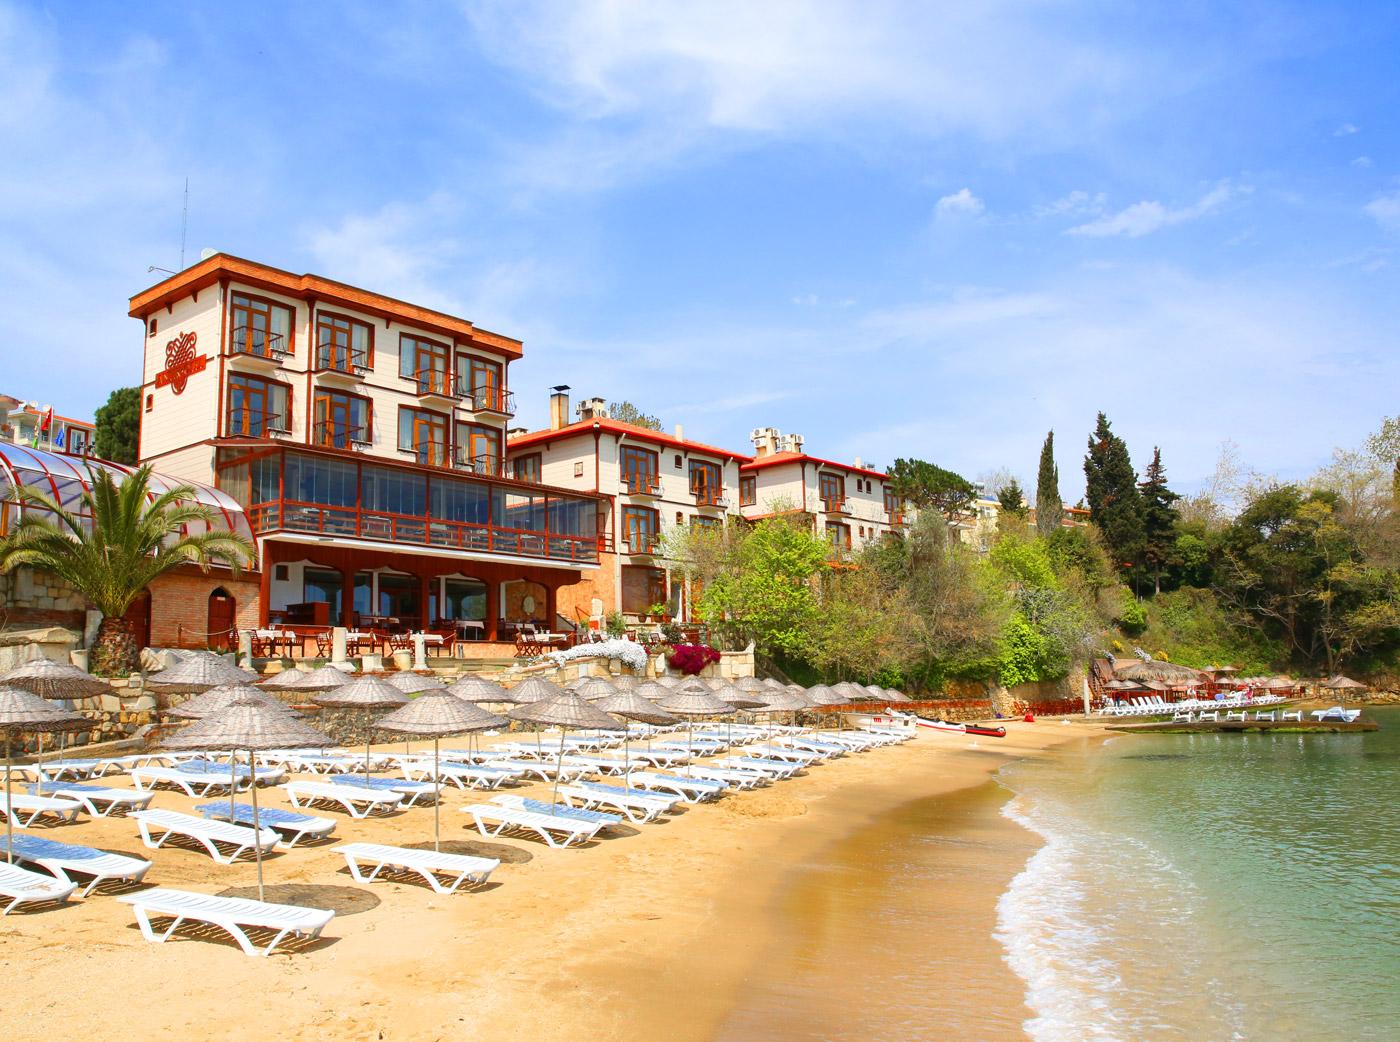 Sinop antik otel antik otel olarak çevre dostu bir otel olmaktan